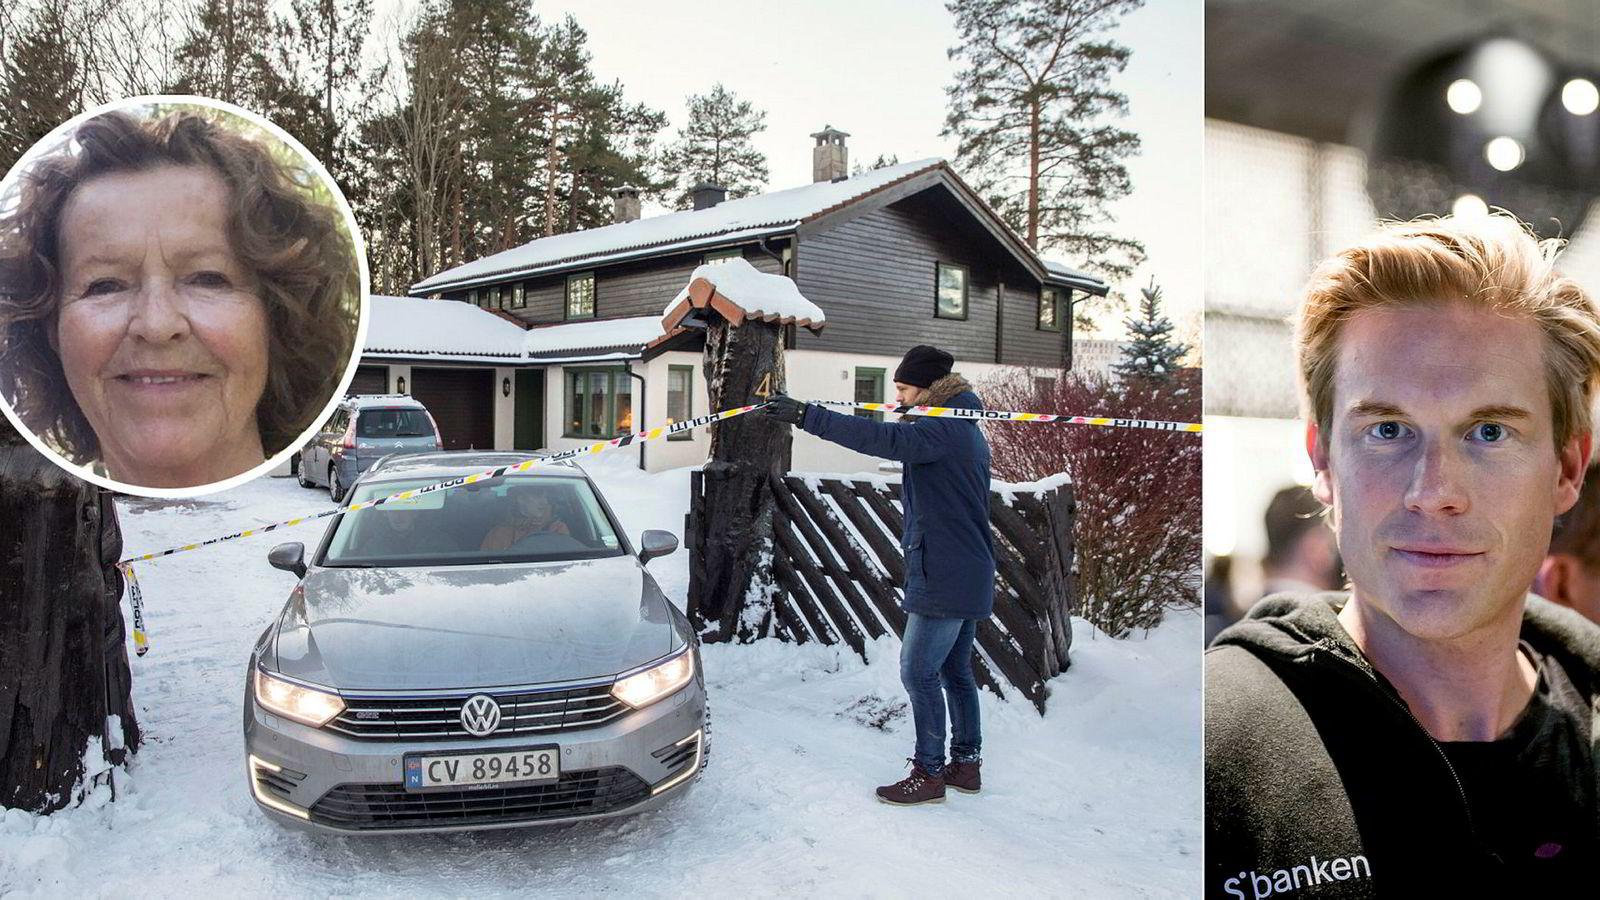 Anne-Elisabeth Falkevik Hagen, kona til Tom Hagen, (innfelt) en av Norges rikeste, har vært borte i ti uker. Onsdag var politiet på plass i boligen der hun sist ble sett. Etterforskere har sperret av eiendommen. Christoffer Hernæs, digitalsjef i Skandiabanken mener løsepengekravet er oppsiktsvekkende.